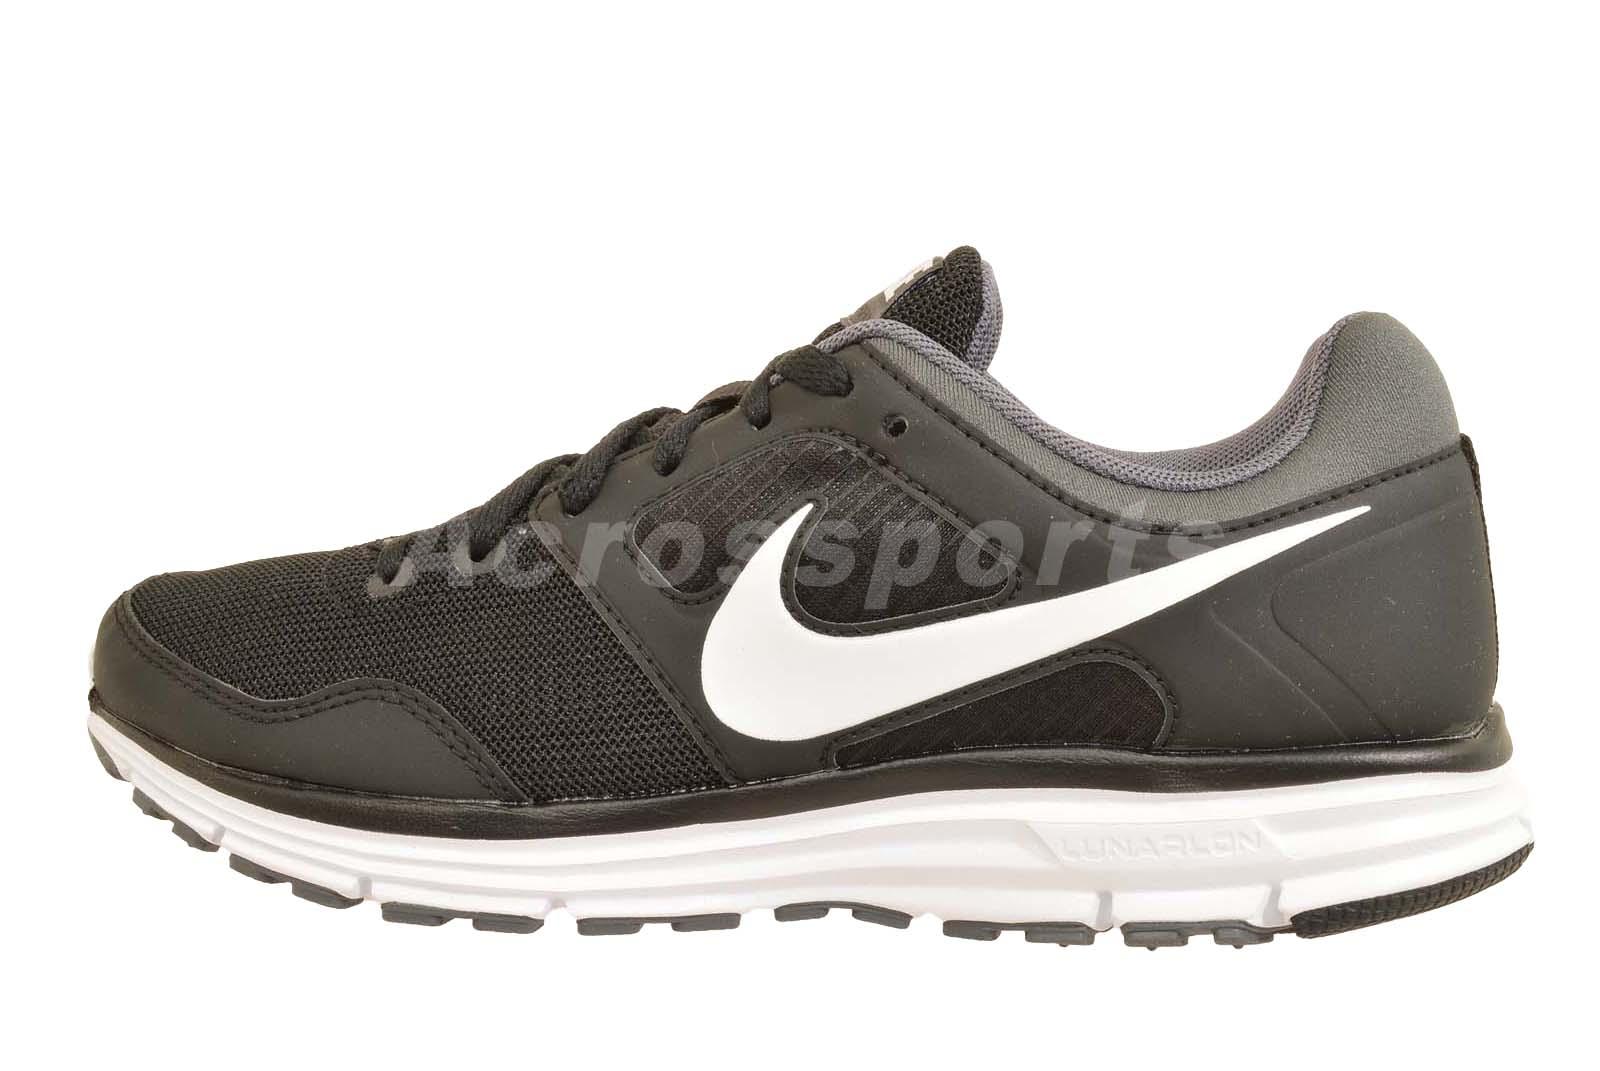 Popular Nike Wmns Flyknit One Womens Lunar 1 Lunarlon Lightweight Running